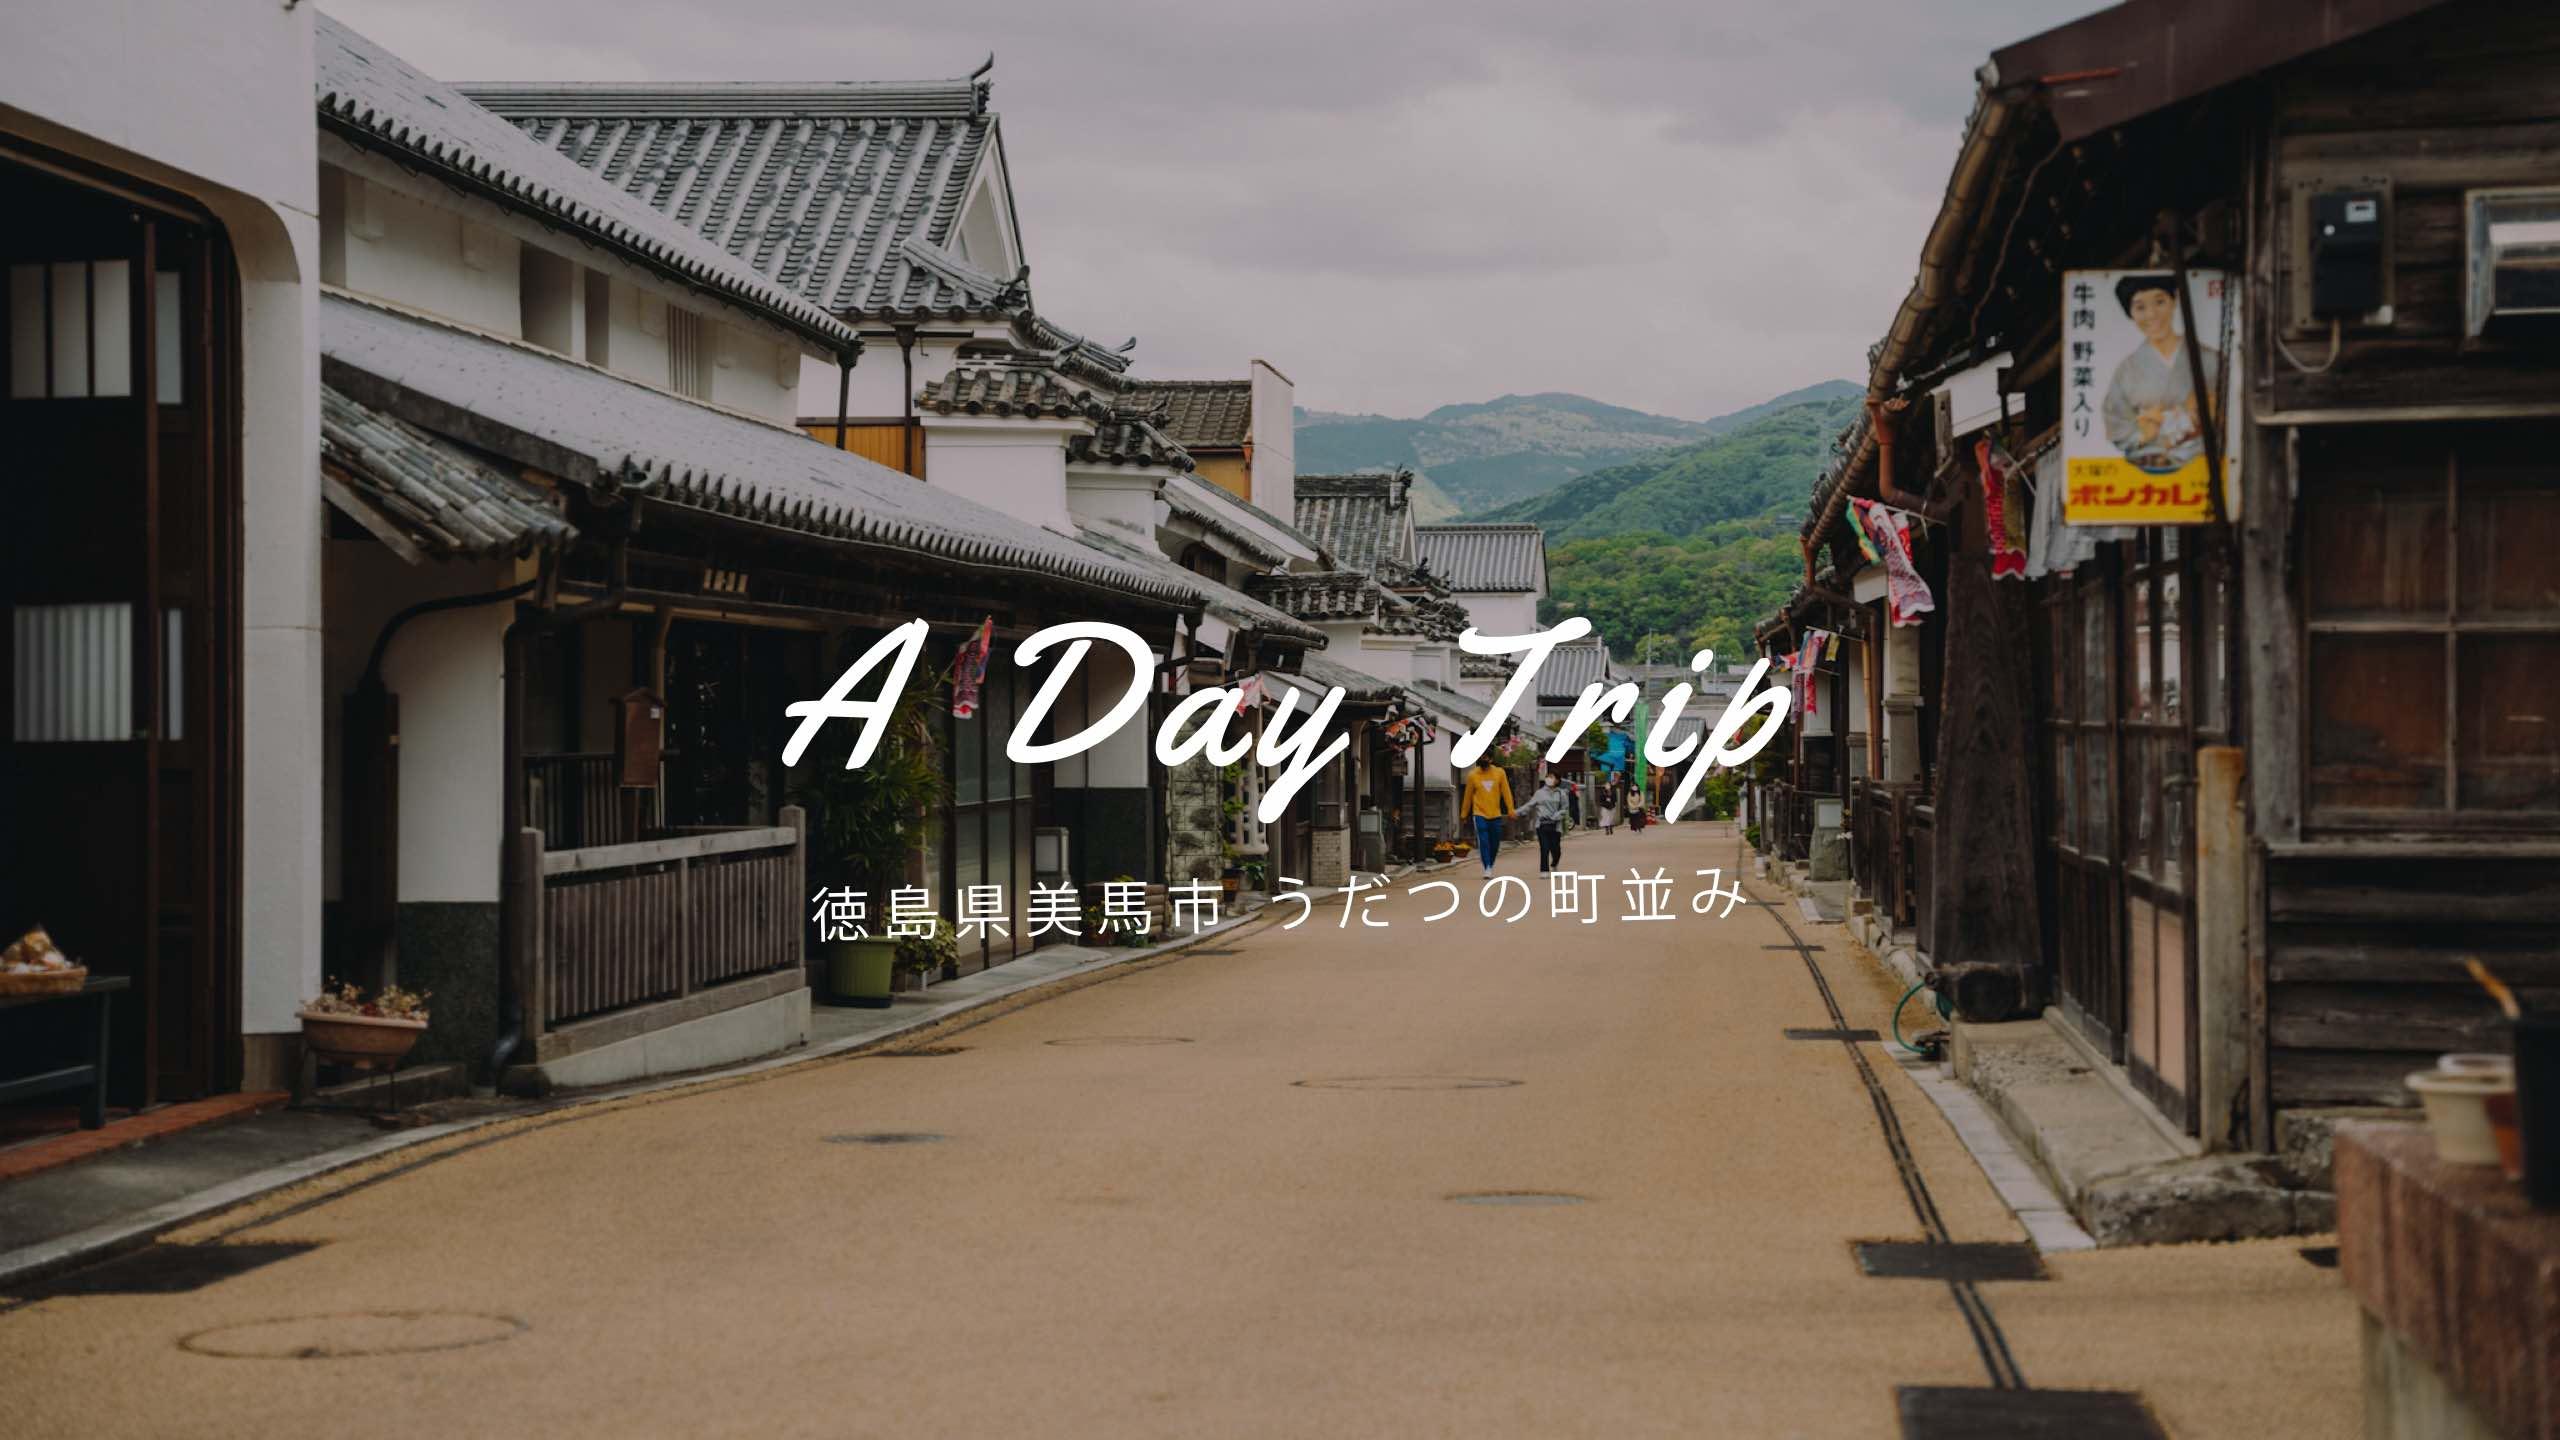 【日帰り旅】古めかしさ×新しさが面白い「うだつの町並み」 【徳島県美馬市】